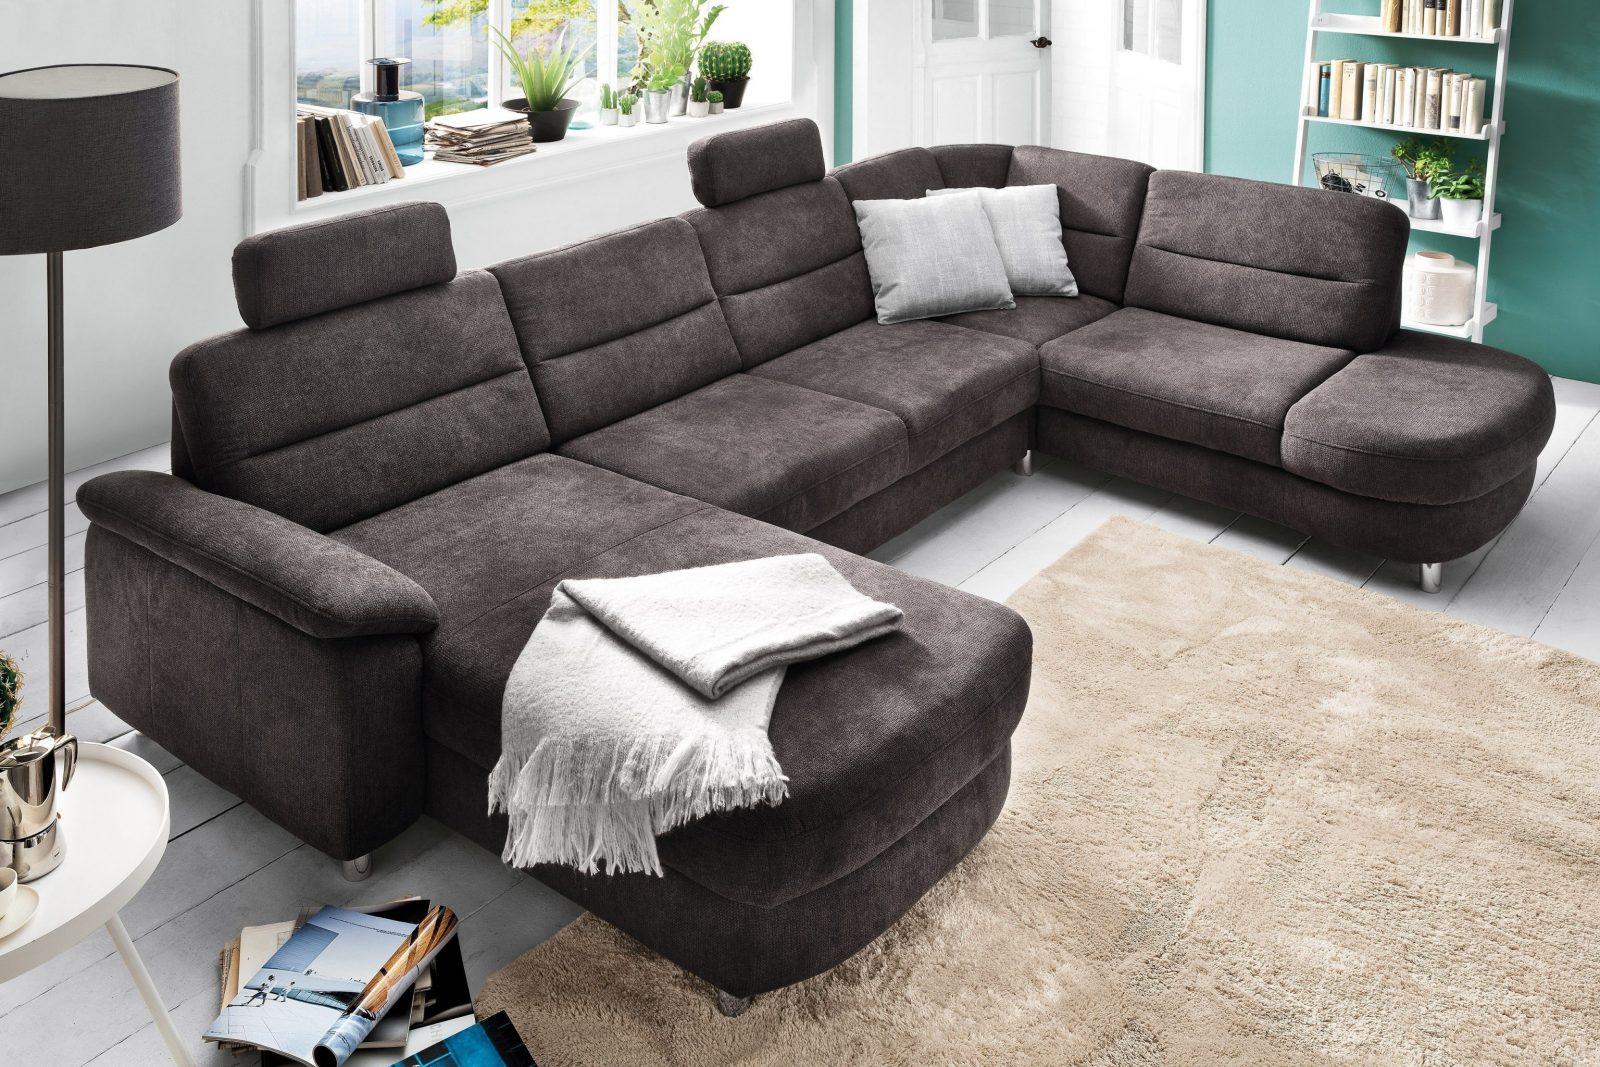 Sit  More Home Basic Delano Wohnlandschaft Grau  Möbel Letz  Ihr von Sit And More Wohnlandschaft Bild